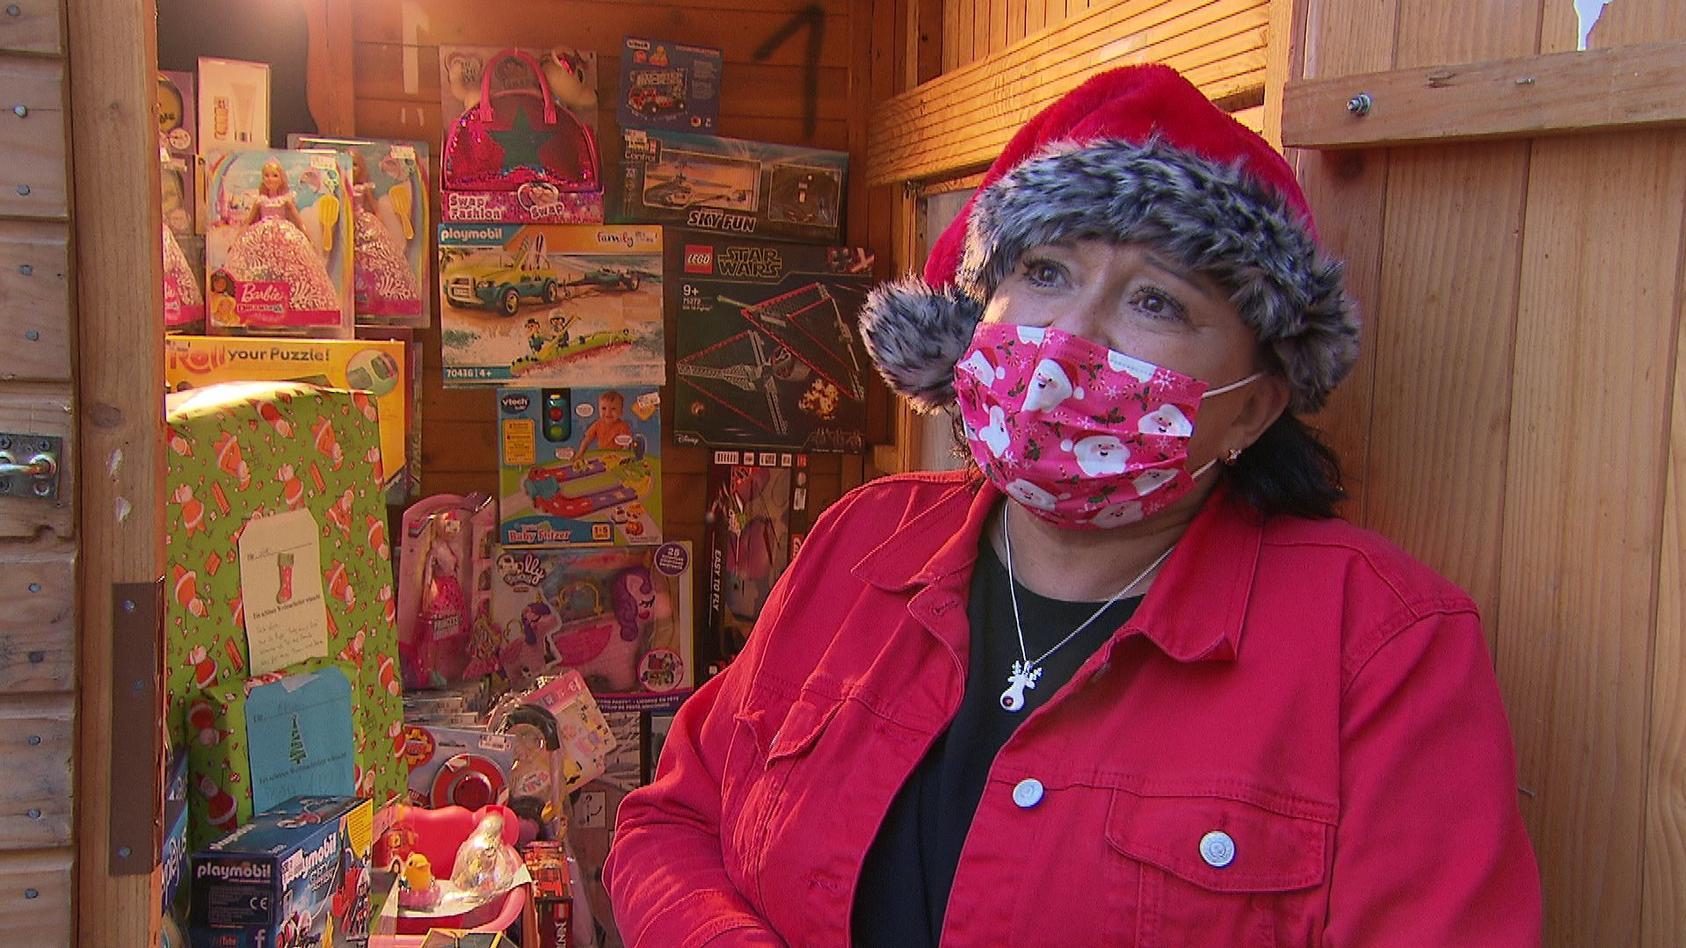 Sonja Palm aus Bad Homburg hat viele Geschenken für bedürftige  Kinder gesammelt und sucht Geschenkpaten